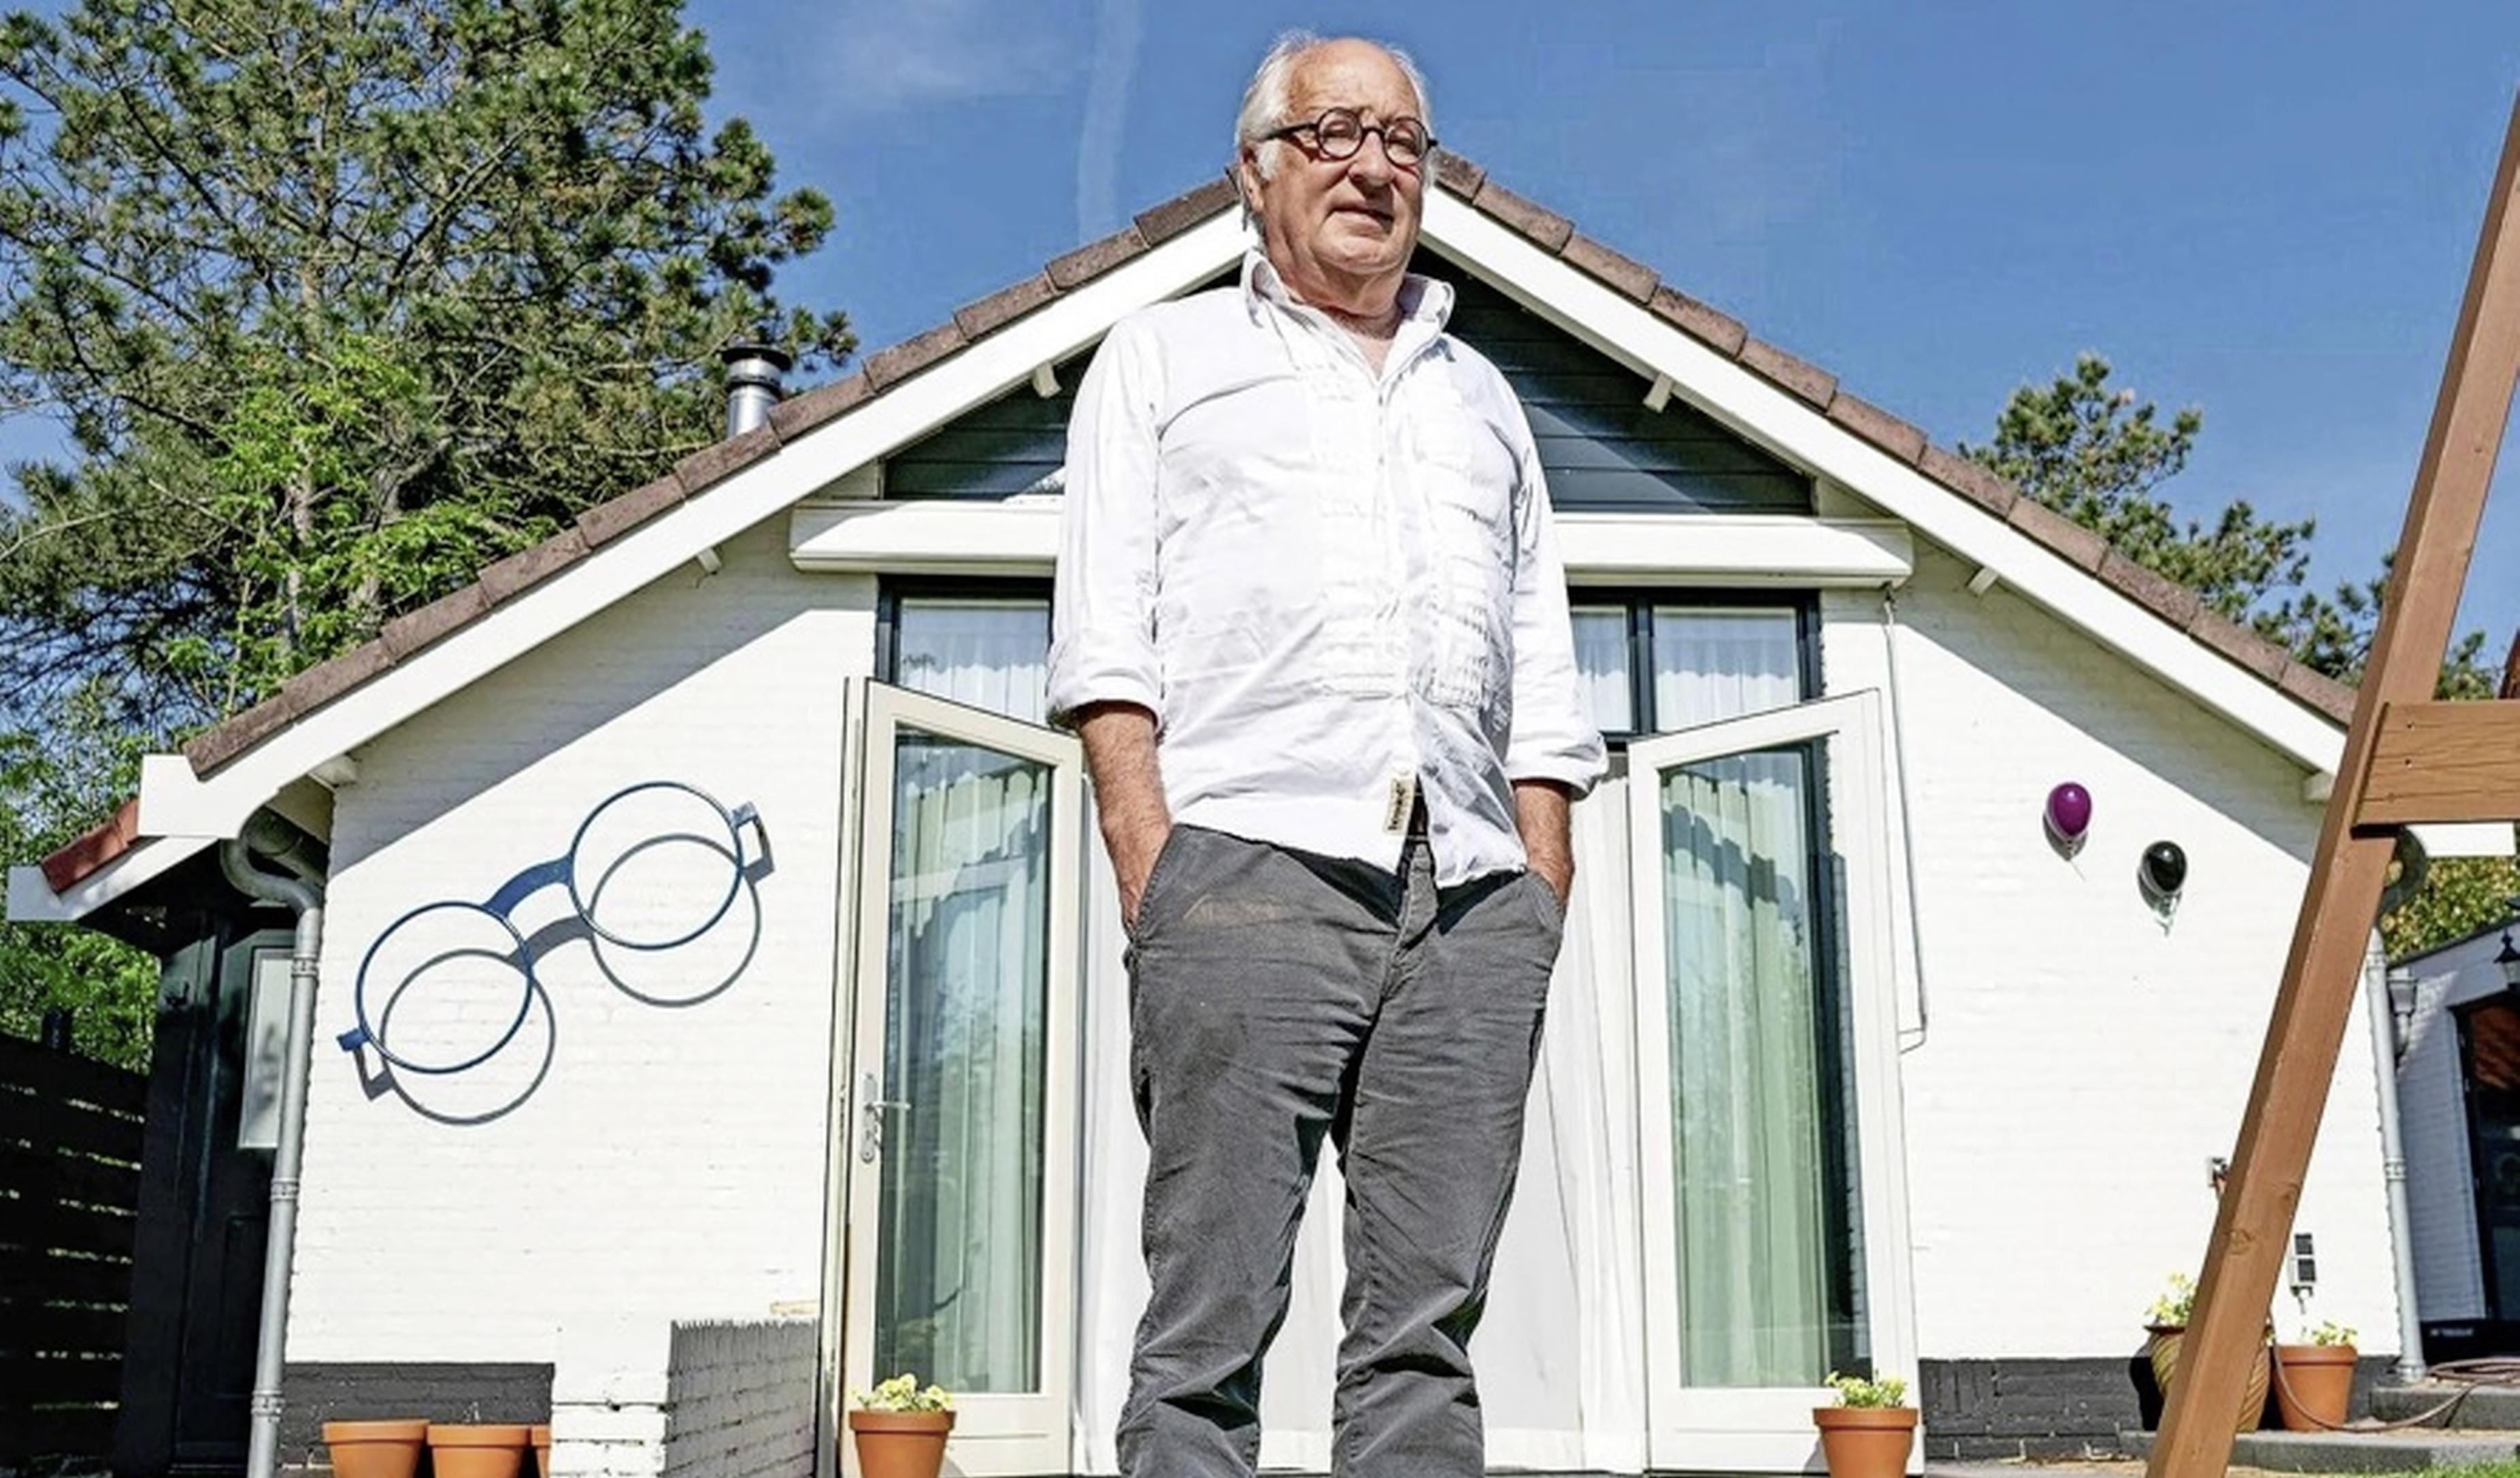 Youp van 't Hek maakt een album in zijn huisje in Bergen aan Zee. Na 50 jaar stapt hij van het toneel. 'Liever te vroeg, dan te laat stoppen'